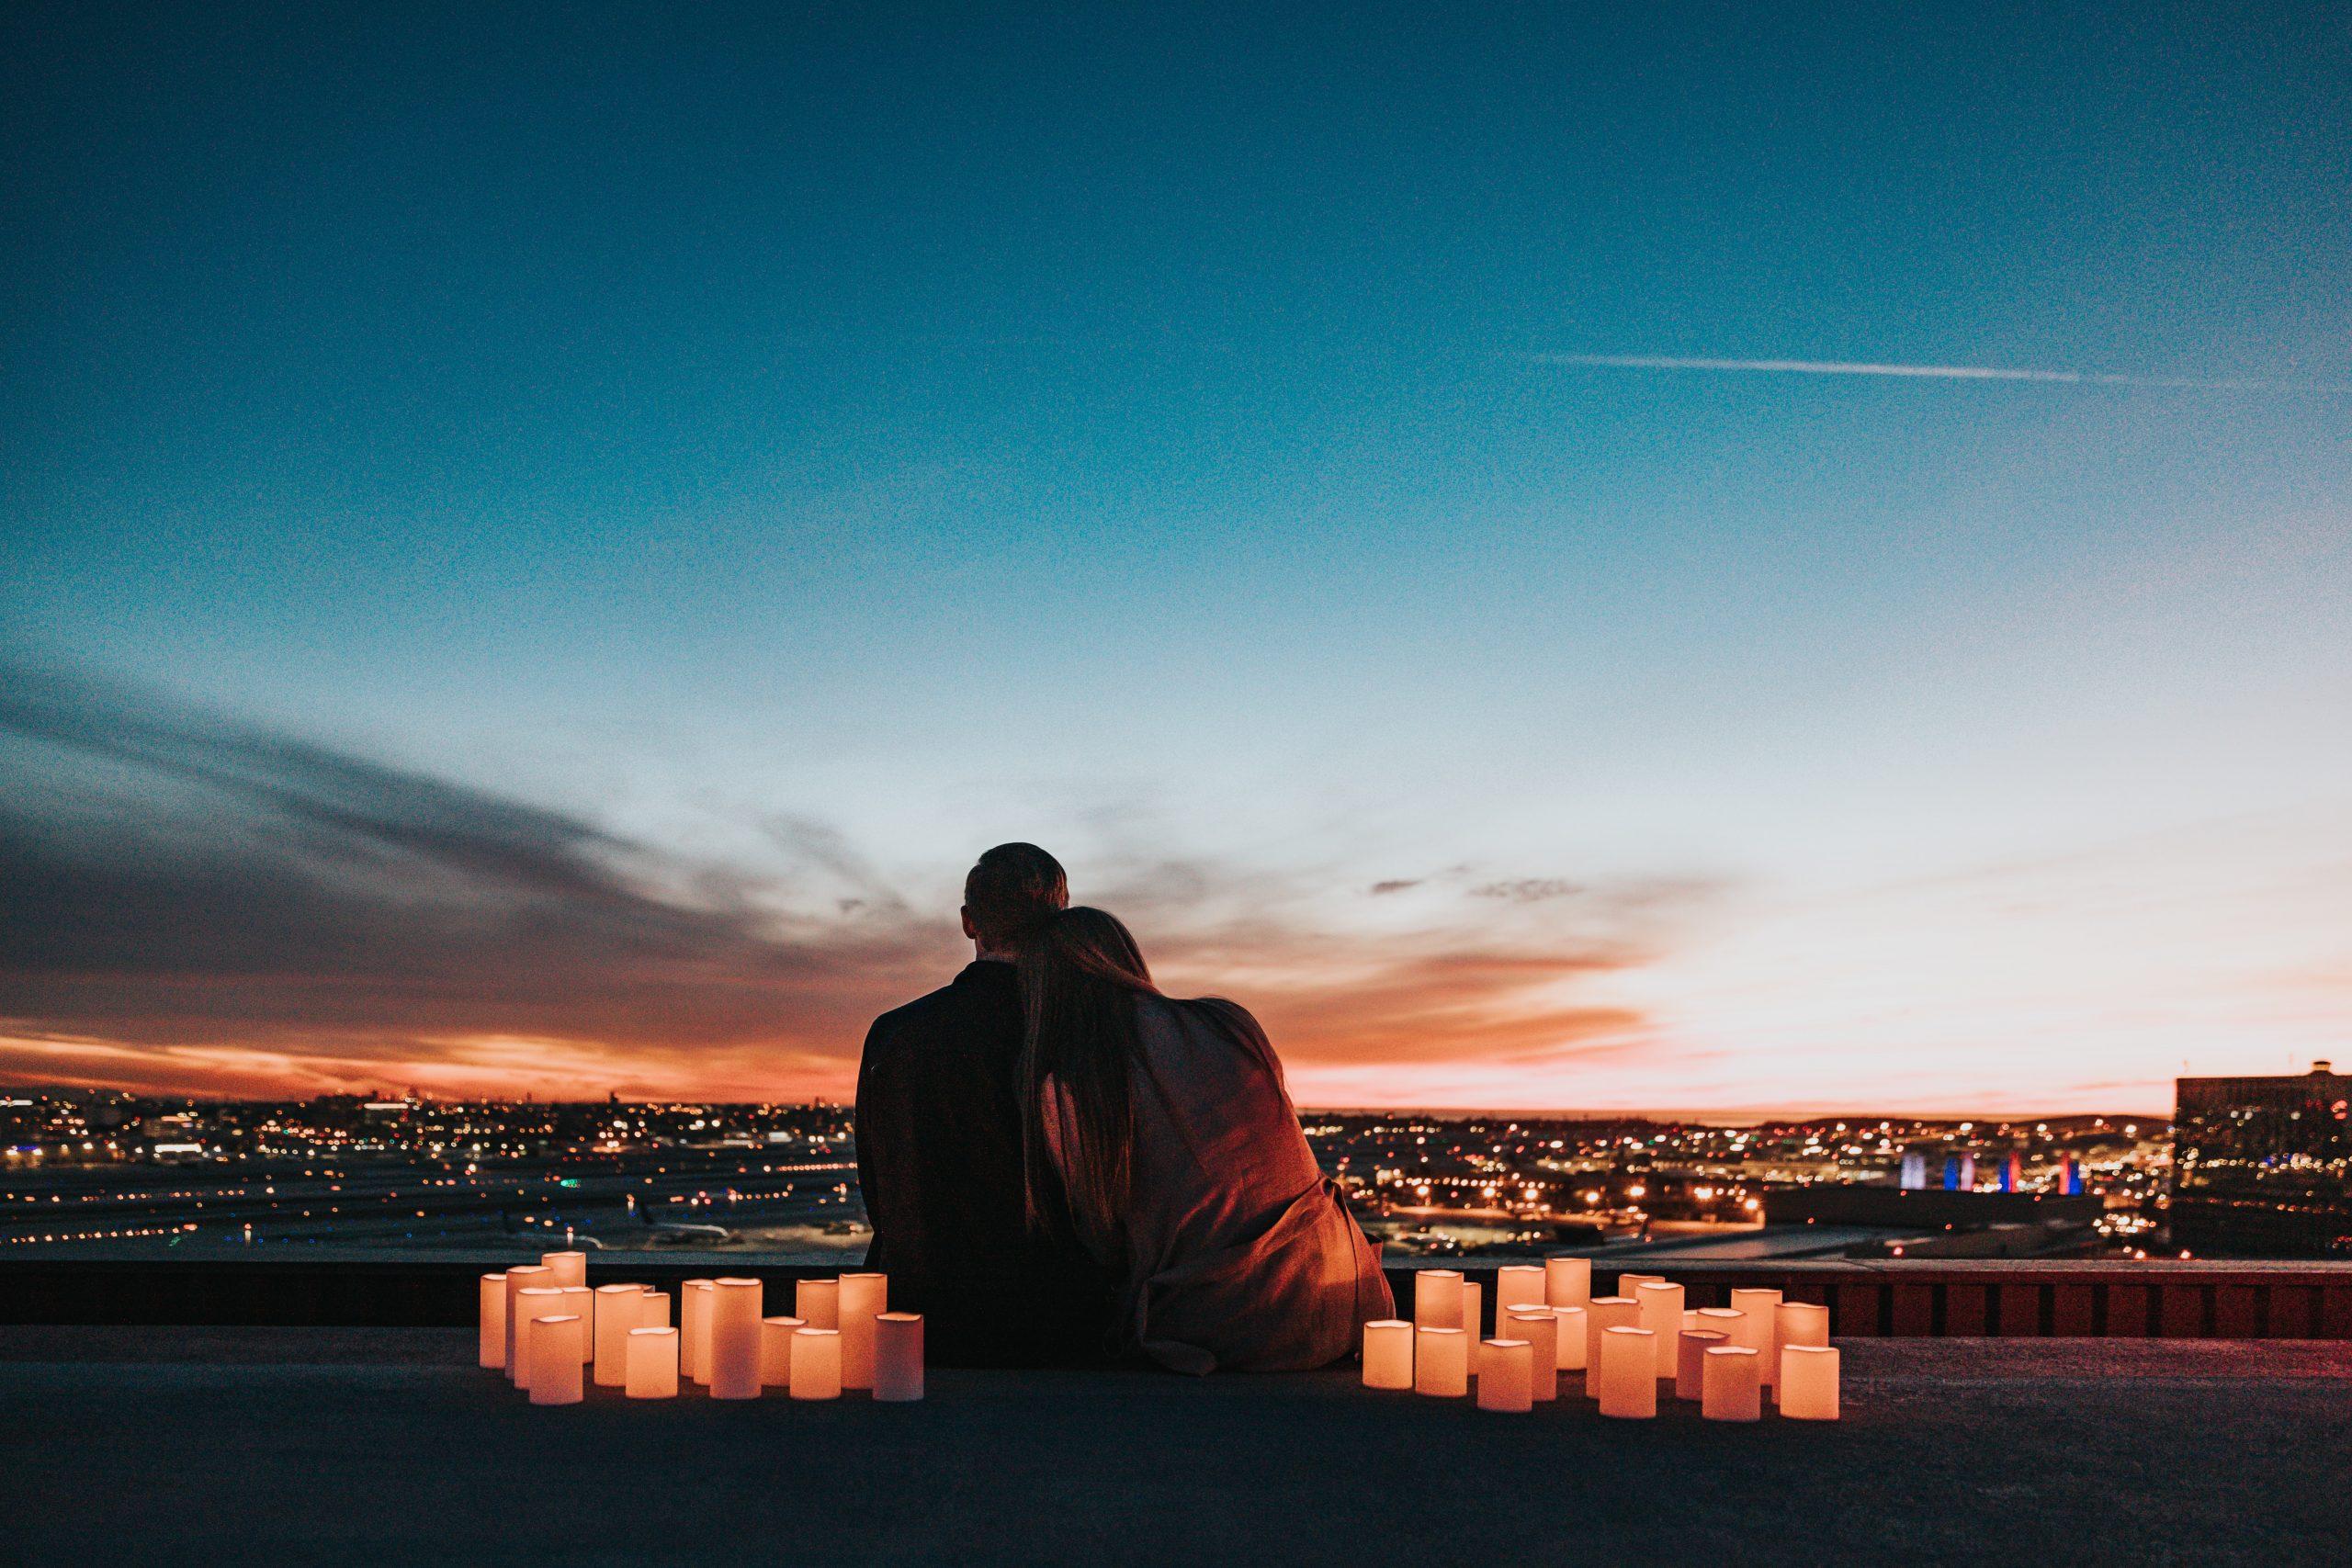 casal sentado de costas apreciando a paisagem